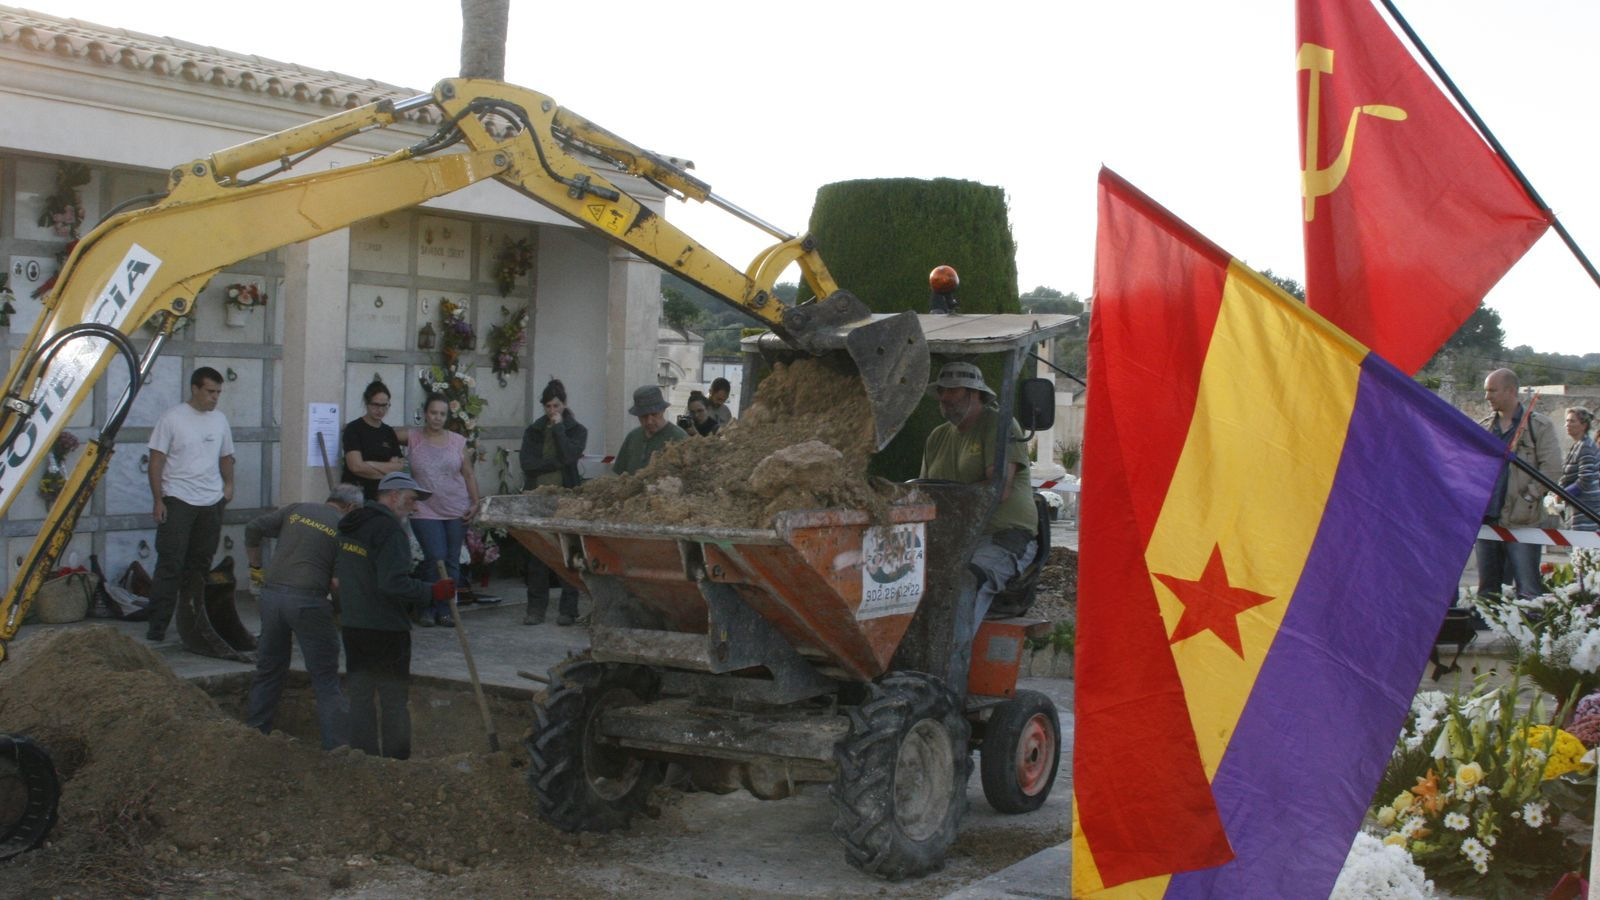 Una bandera republicana i una altra comunista han saludat l'inici de recuperació de molts desapareguts. / M. BARCELÓ